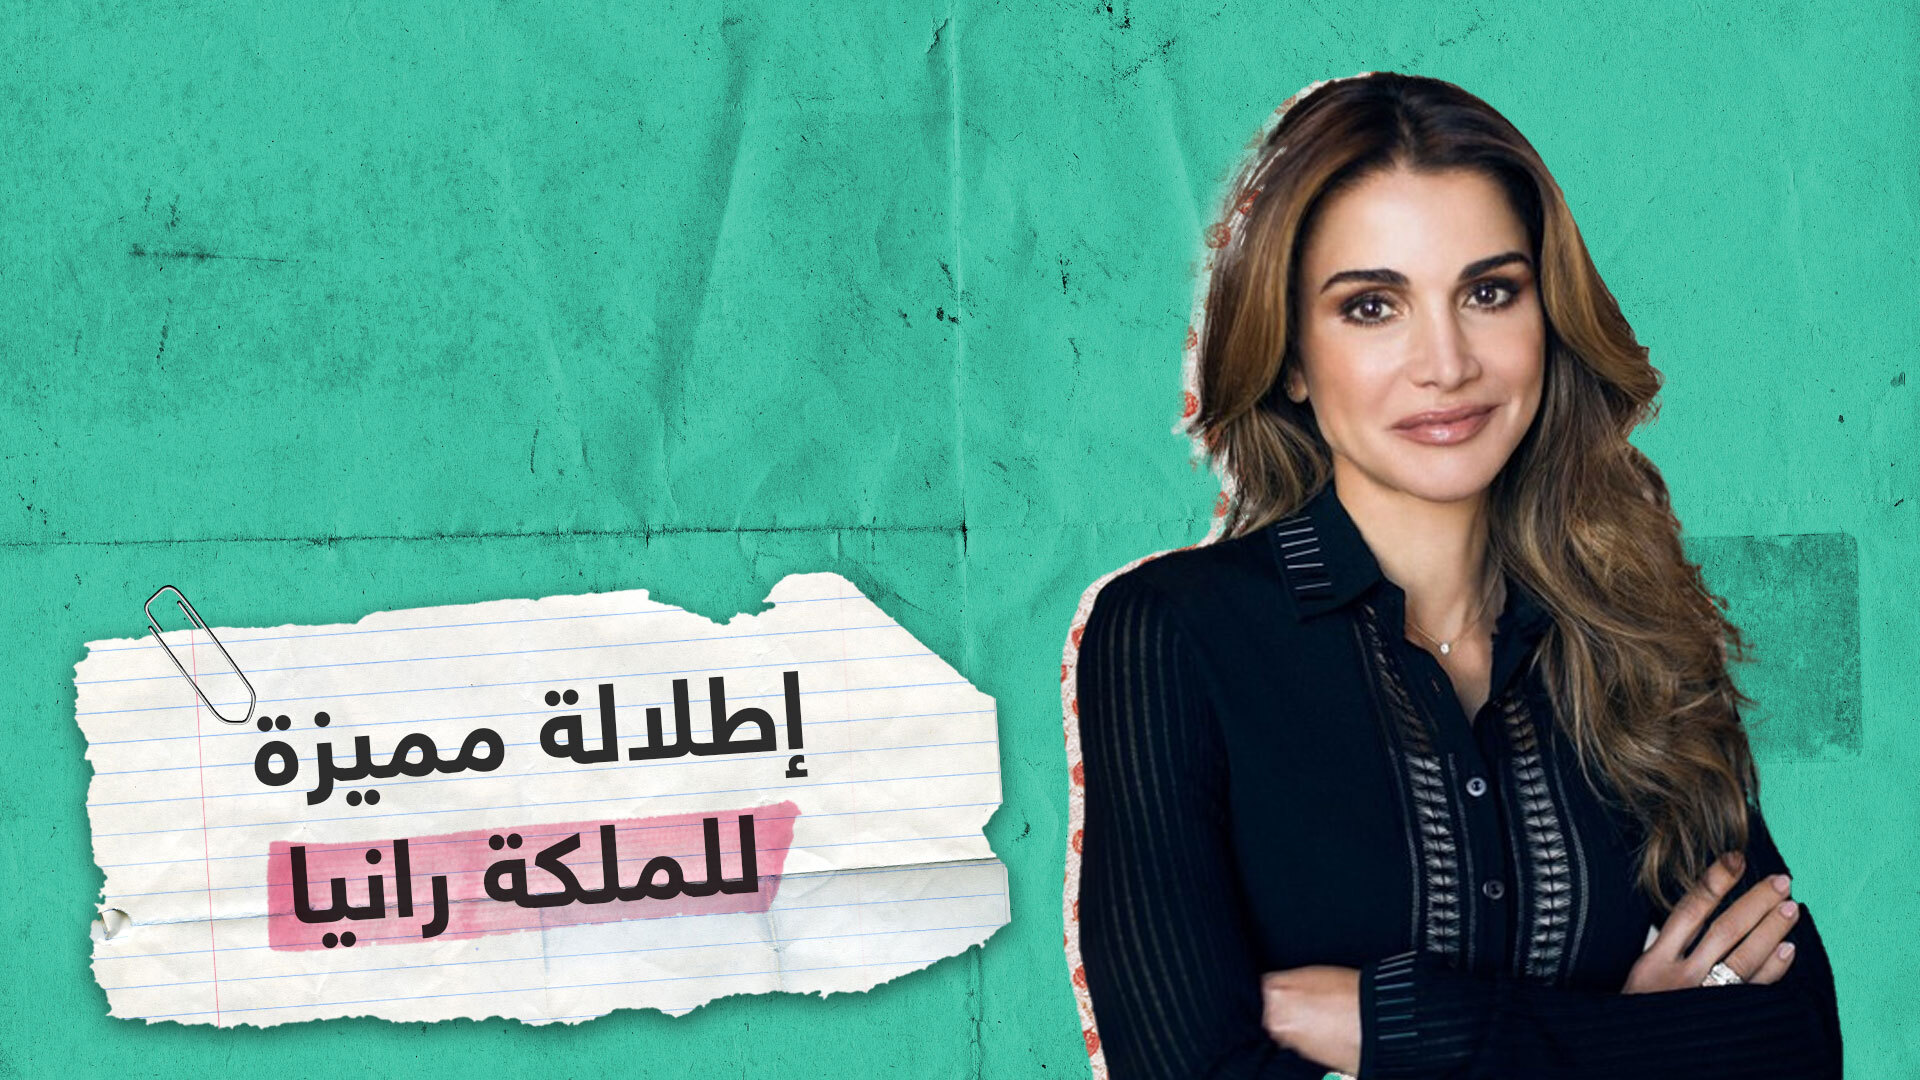 شاهد كيف شجعت الملكة رانيا السياحة الداخلية في الأردن